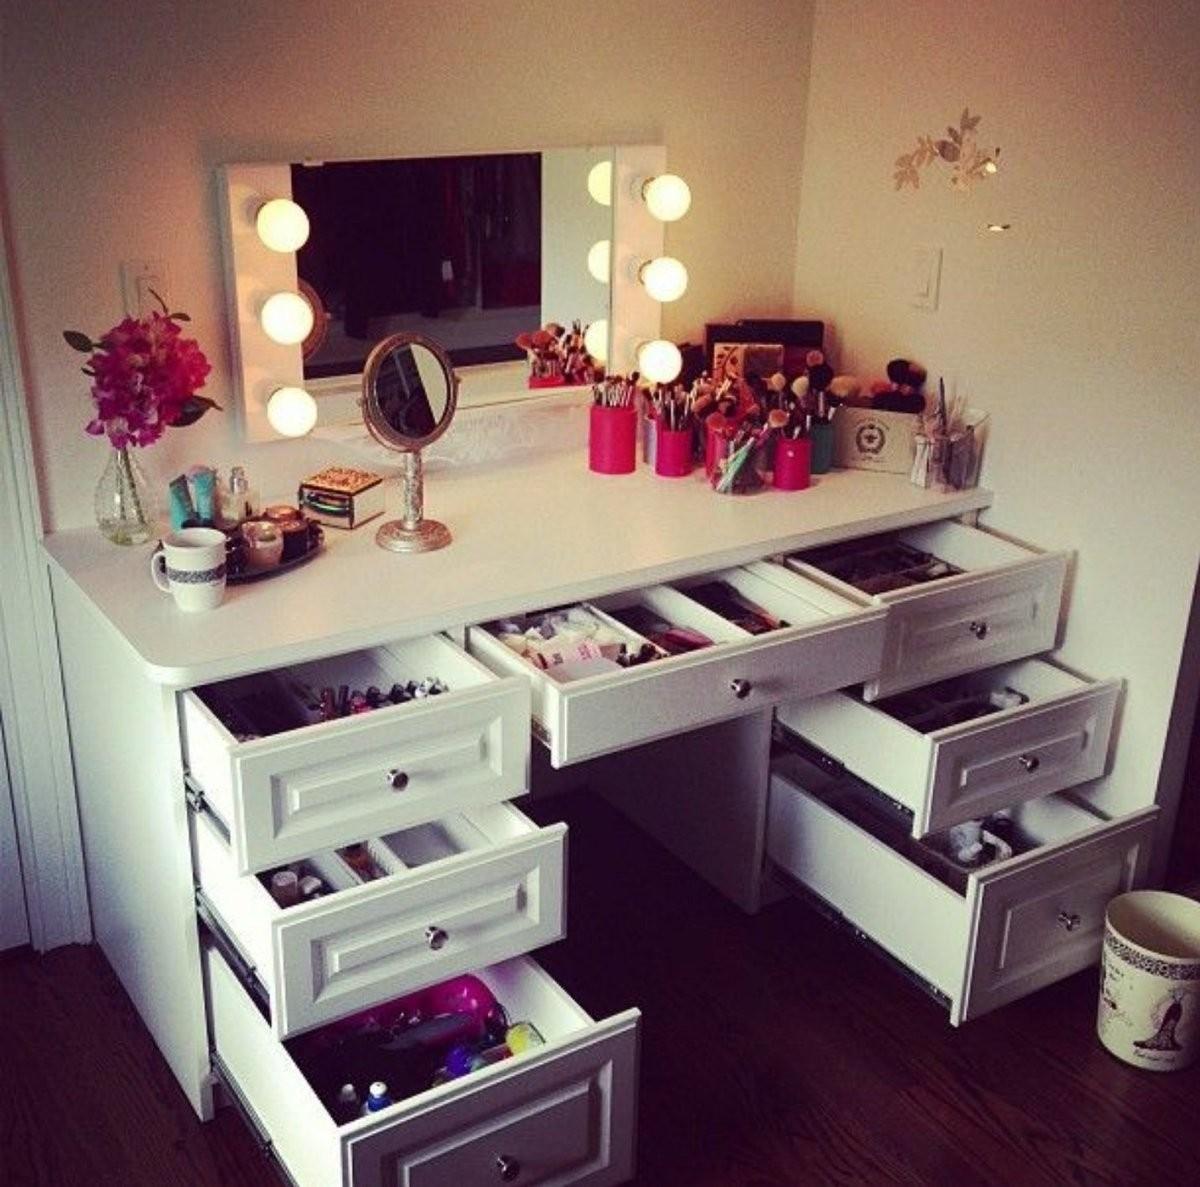 bedroom vanity sets with lights ideas on foter rh foter com